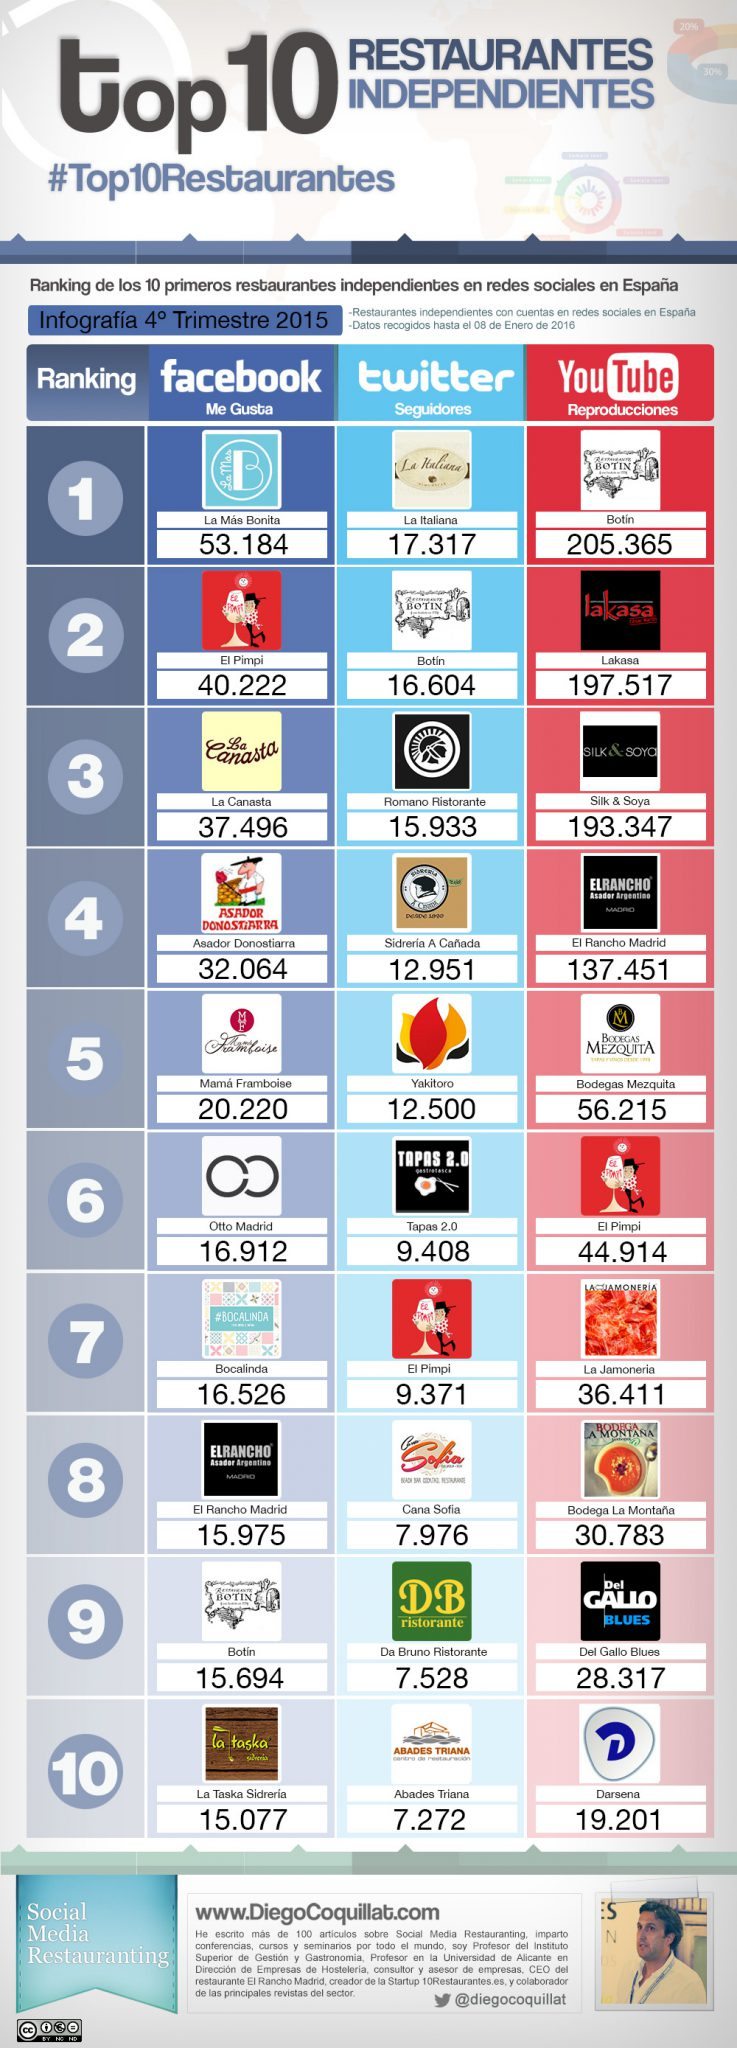 Classement Top10 restaurants indépendants dans les réseaux sociaux en Espagne